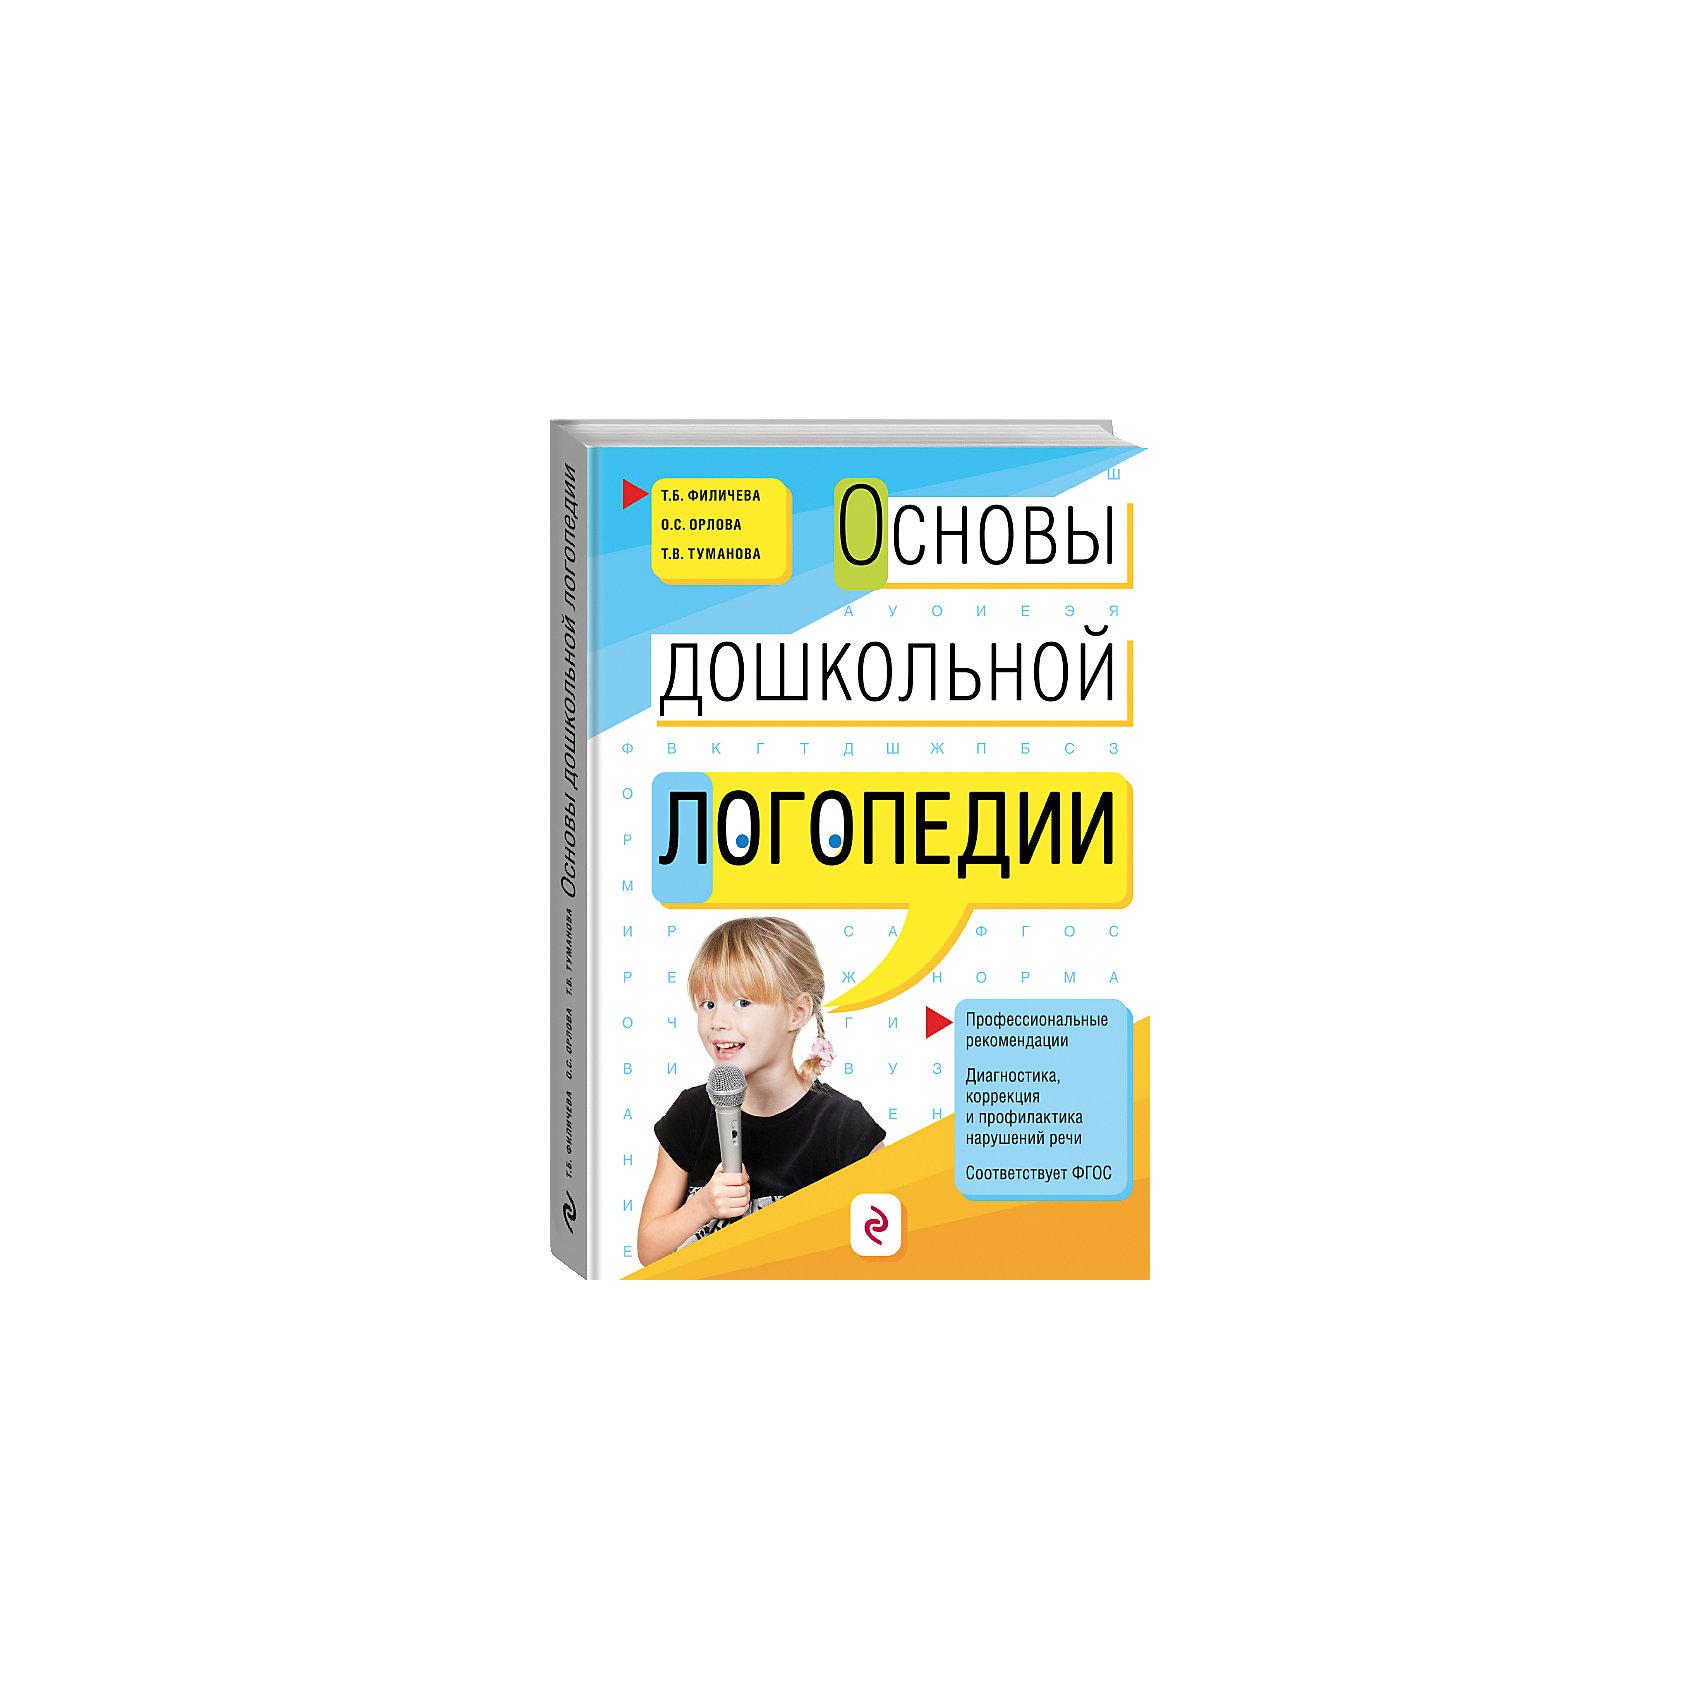 Основы дошкольной логопедииКниги по педагогике<br>Характеристики товара: <br><br>• ISBN: 9785699689729<br>• возраст от: 2 лет<br>• формат: 70x100/16<br>• бумага: офсет<br>• обложка: твердая<br>• серия: Надежда Жукова<br>• издательство: Эксмо<br>• иллюстрации: черно-белые<br>• автор: Филичева Татьяна Борисовна, Туманова Татьяна Володаровна, Орлова Ольга Святославна<br>• количество страниц: 320<br>• размеры: 24x17 см<br><br>Издание «Основы дошкольной логопедии» - это воплощение отлично работающей методики развития речи у детей и конкретные советы.<br><br>Такая книга понадобится родителям, педагогам, логопедам, а также будет полезна студентам профильных специальностей.<br><br>Издание «Основы дошкольной логопедии» можно купить в нашем интернет-магазине.<br><br>Ширина мм: 235<br>Глубина мм: 162<br>Высота мм: 200<br>Вес г: 667<br>Возраст от месяцев: 60<br>Возраст до месяцев: 2147483647<br>Пол: Унисекс<br>Возраст: Детский<br>SKU: 5535361